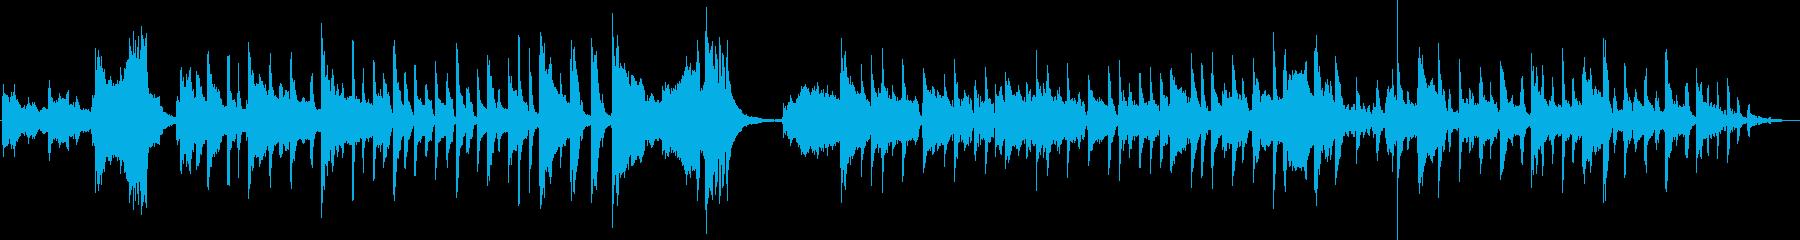 コメディの短い楽器のキュー。楽しく...の再生済みの波形